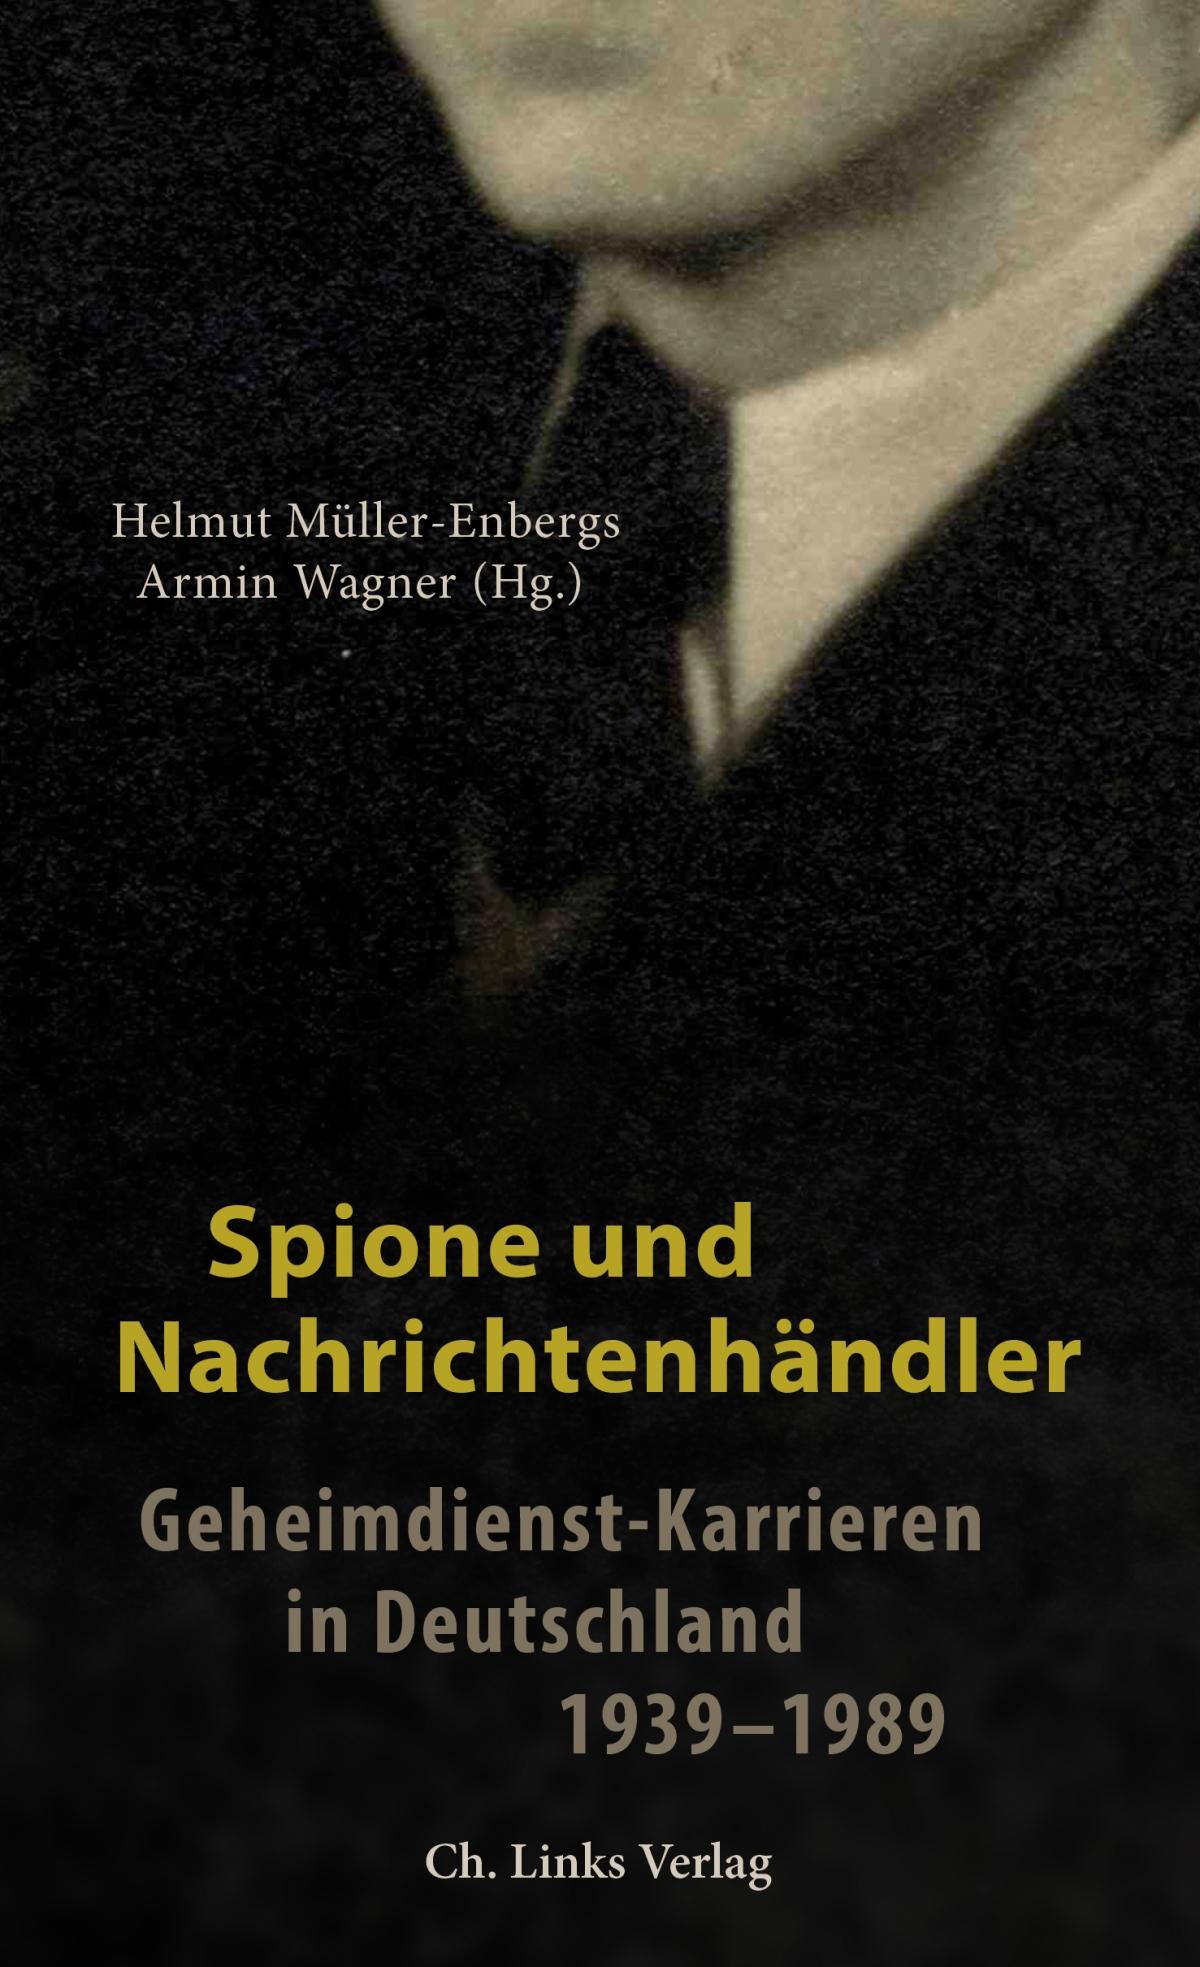 Spione und Nachrichtenhändler: Geheimdienst-Karrieren in Deutschland1939-1989